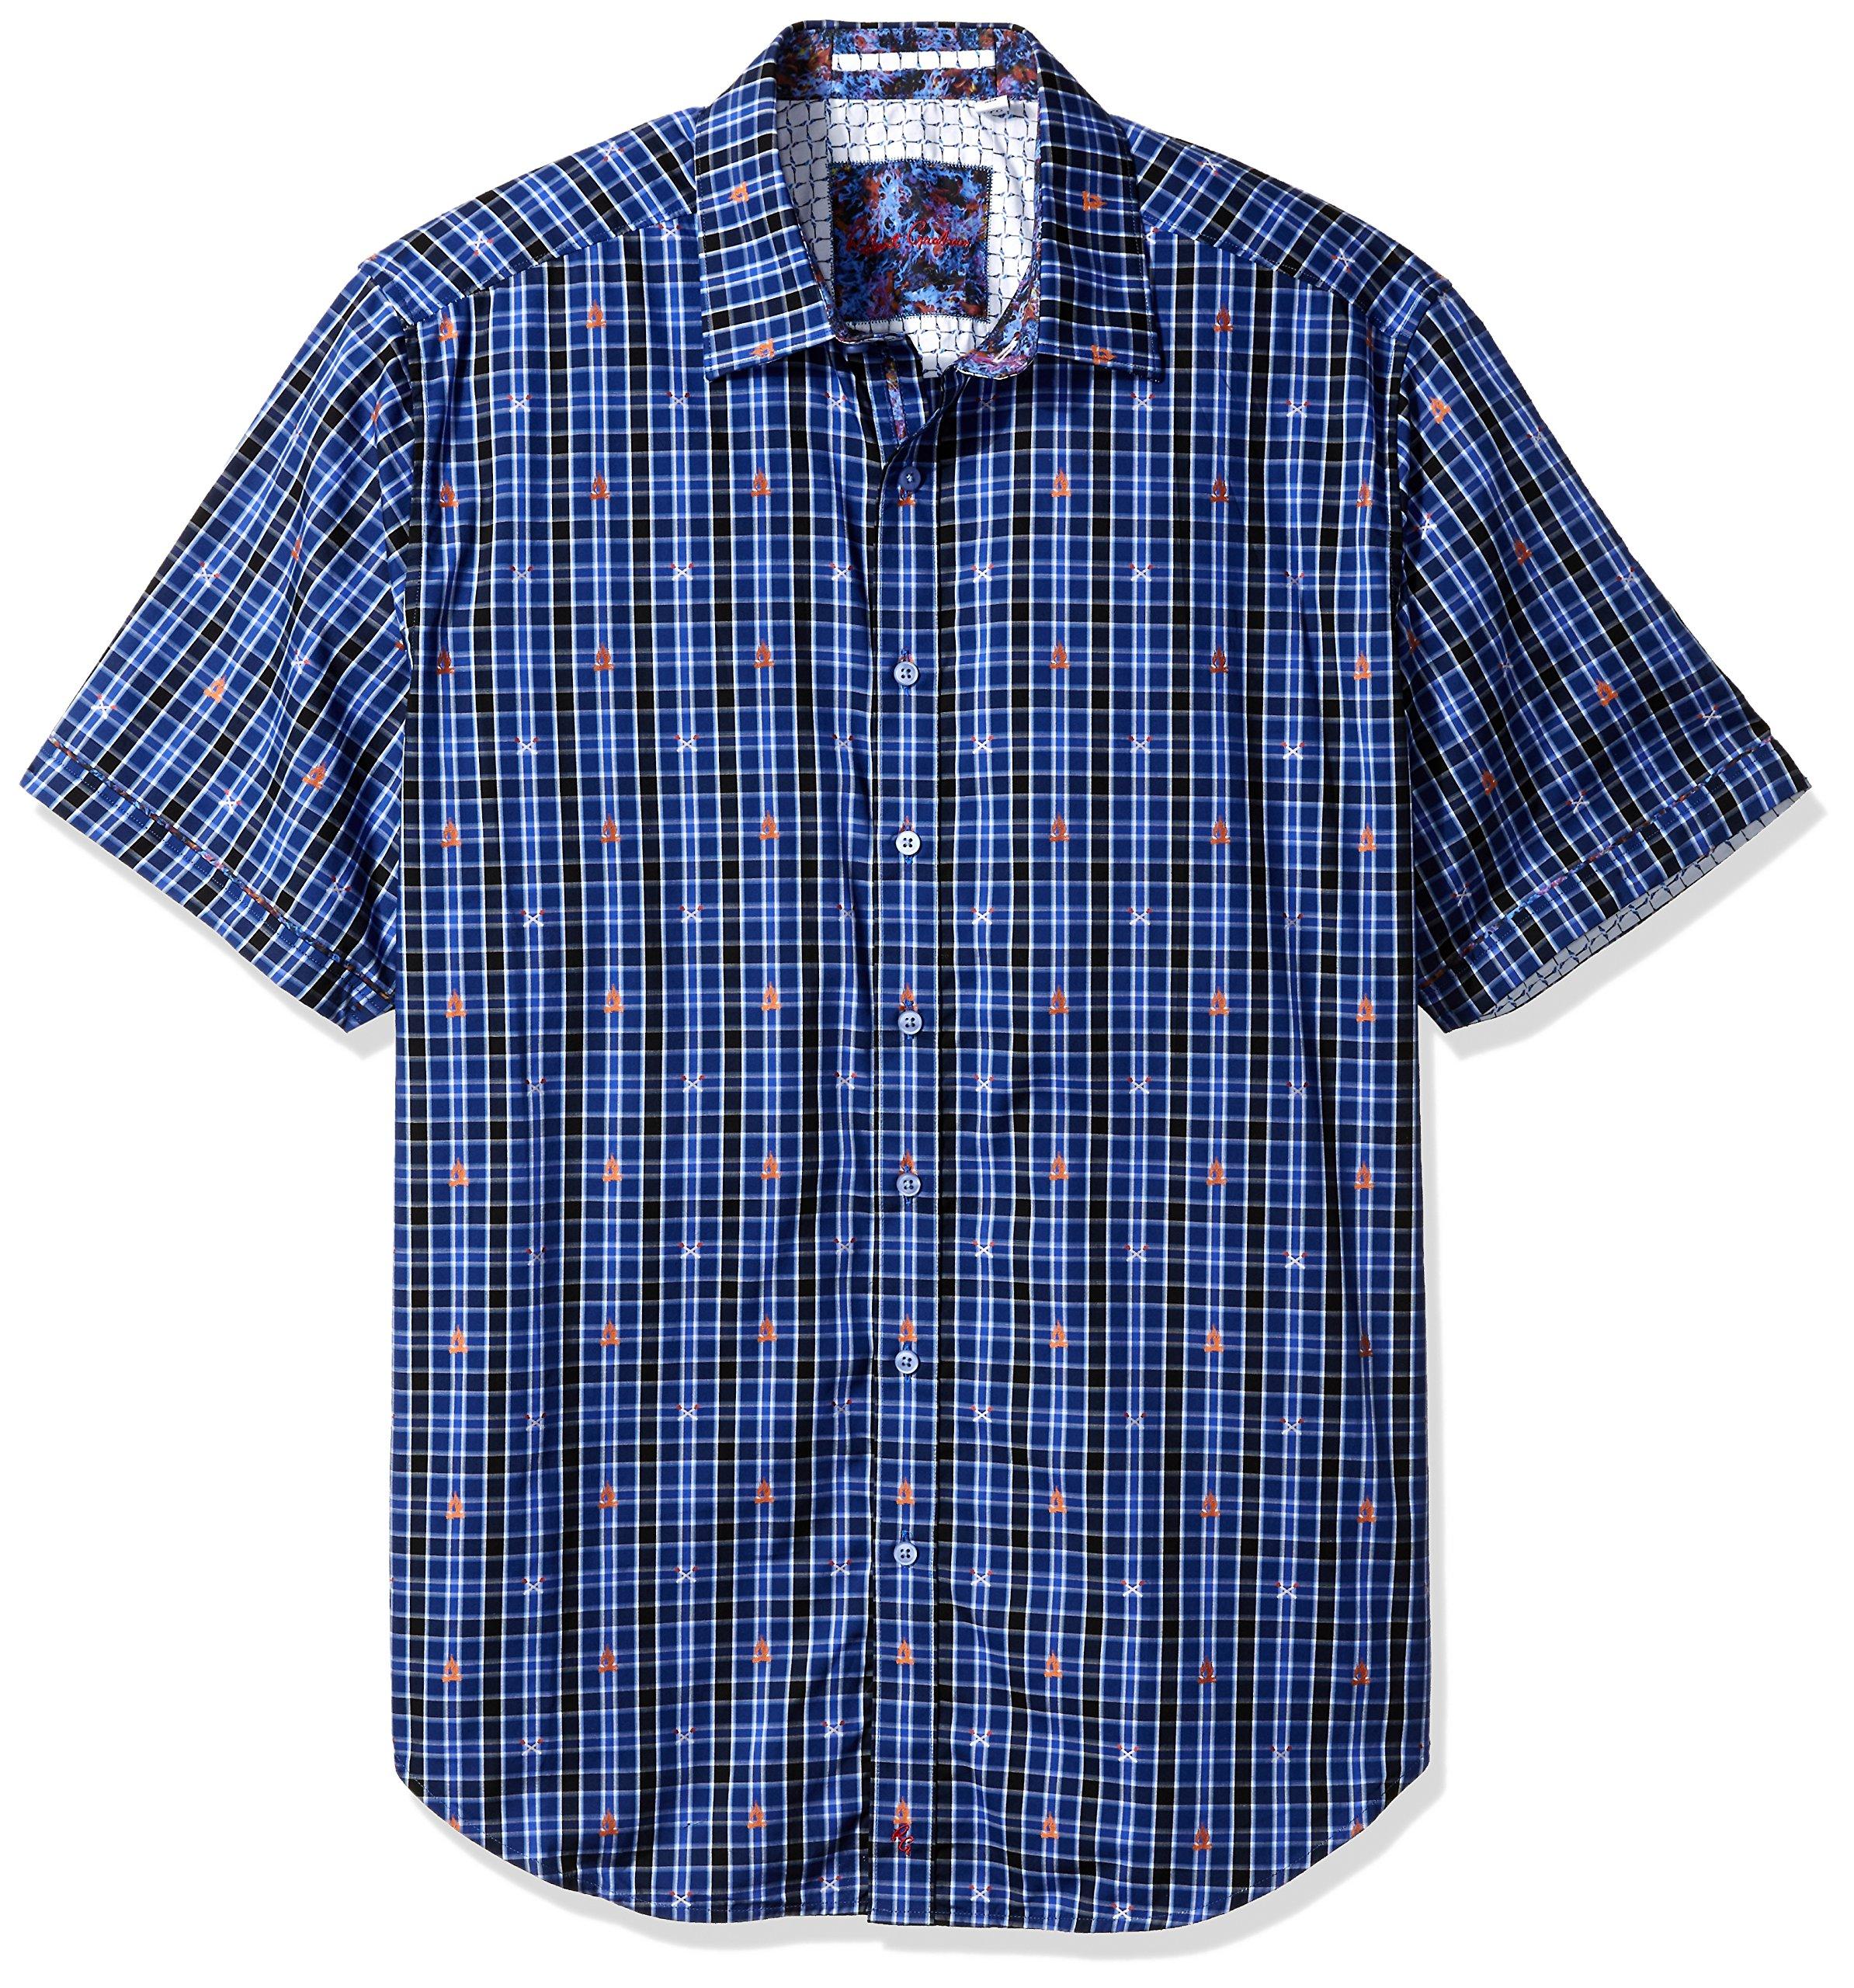 Robert Graham Men's Tall Size Campfire S/s Classic Fit Shirt, Blue 1XLT